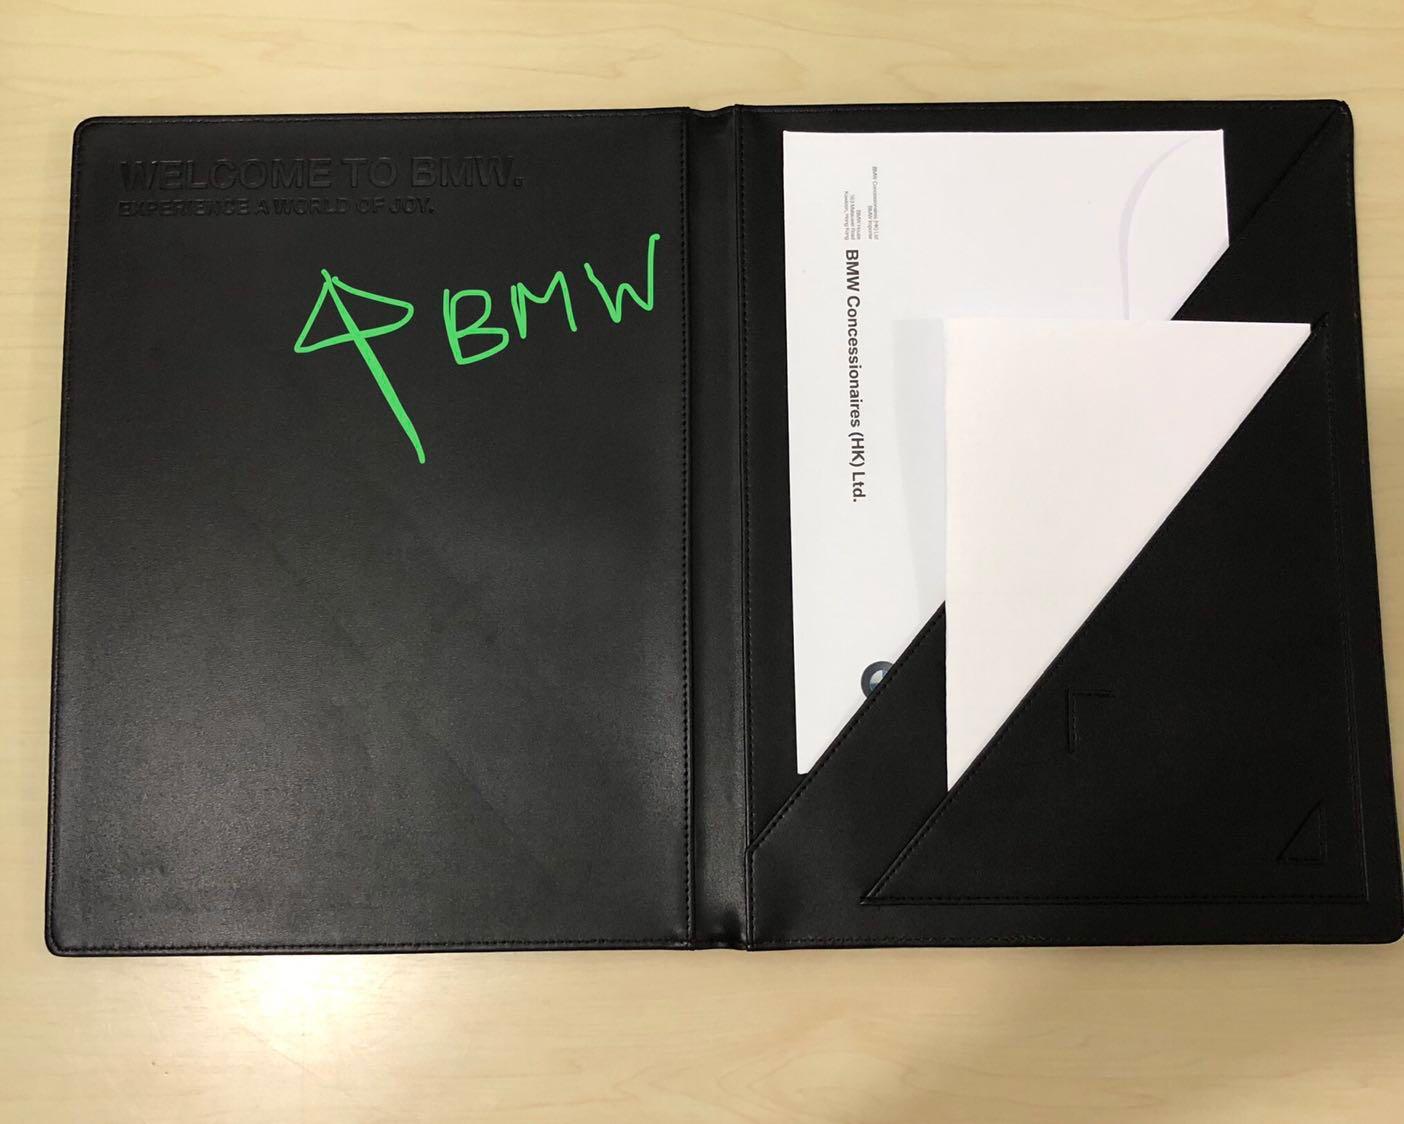 BMW A4 Folder black color